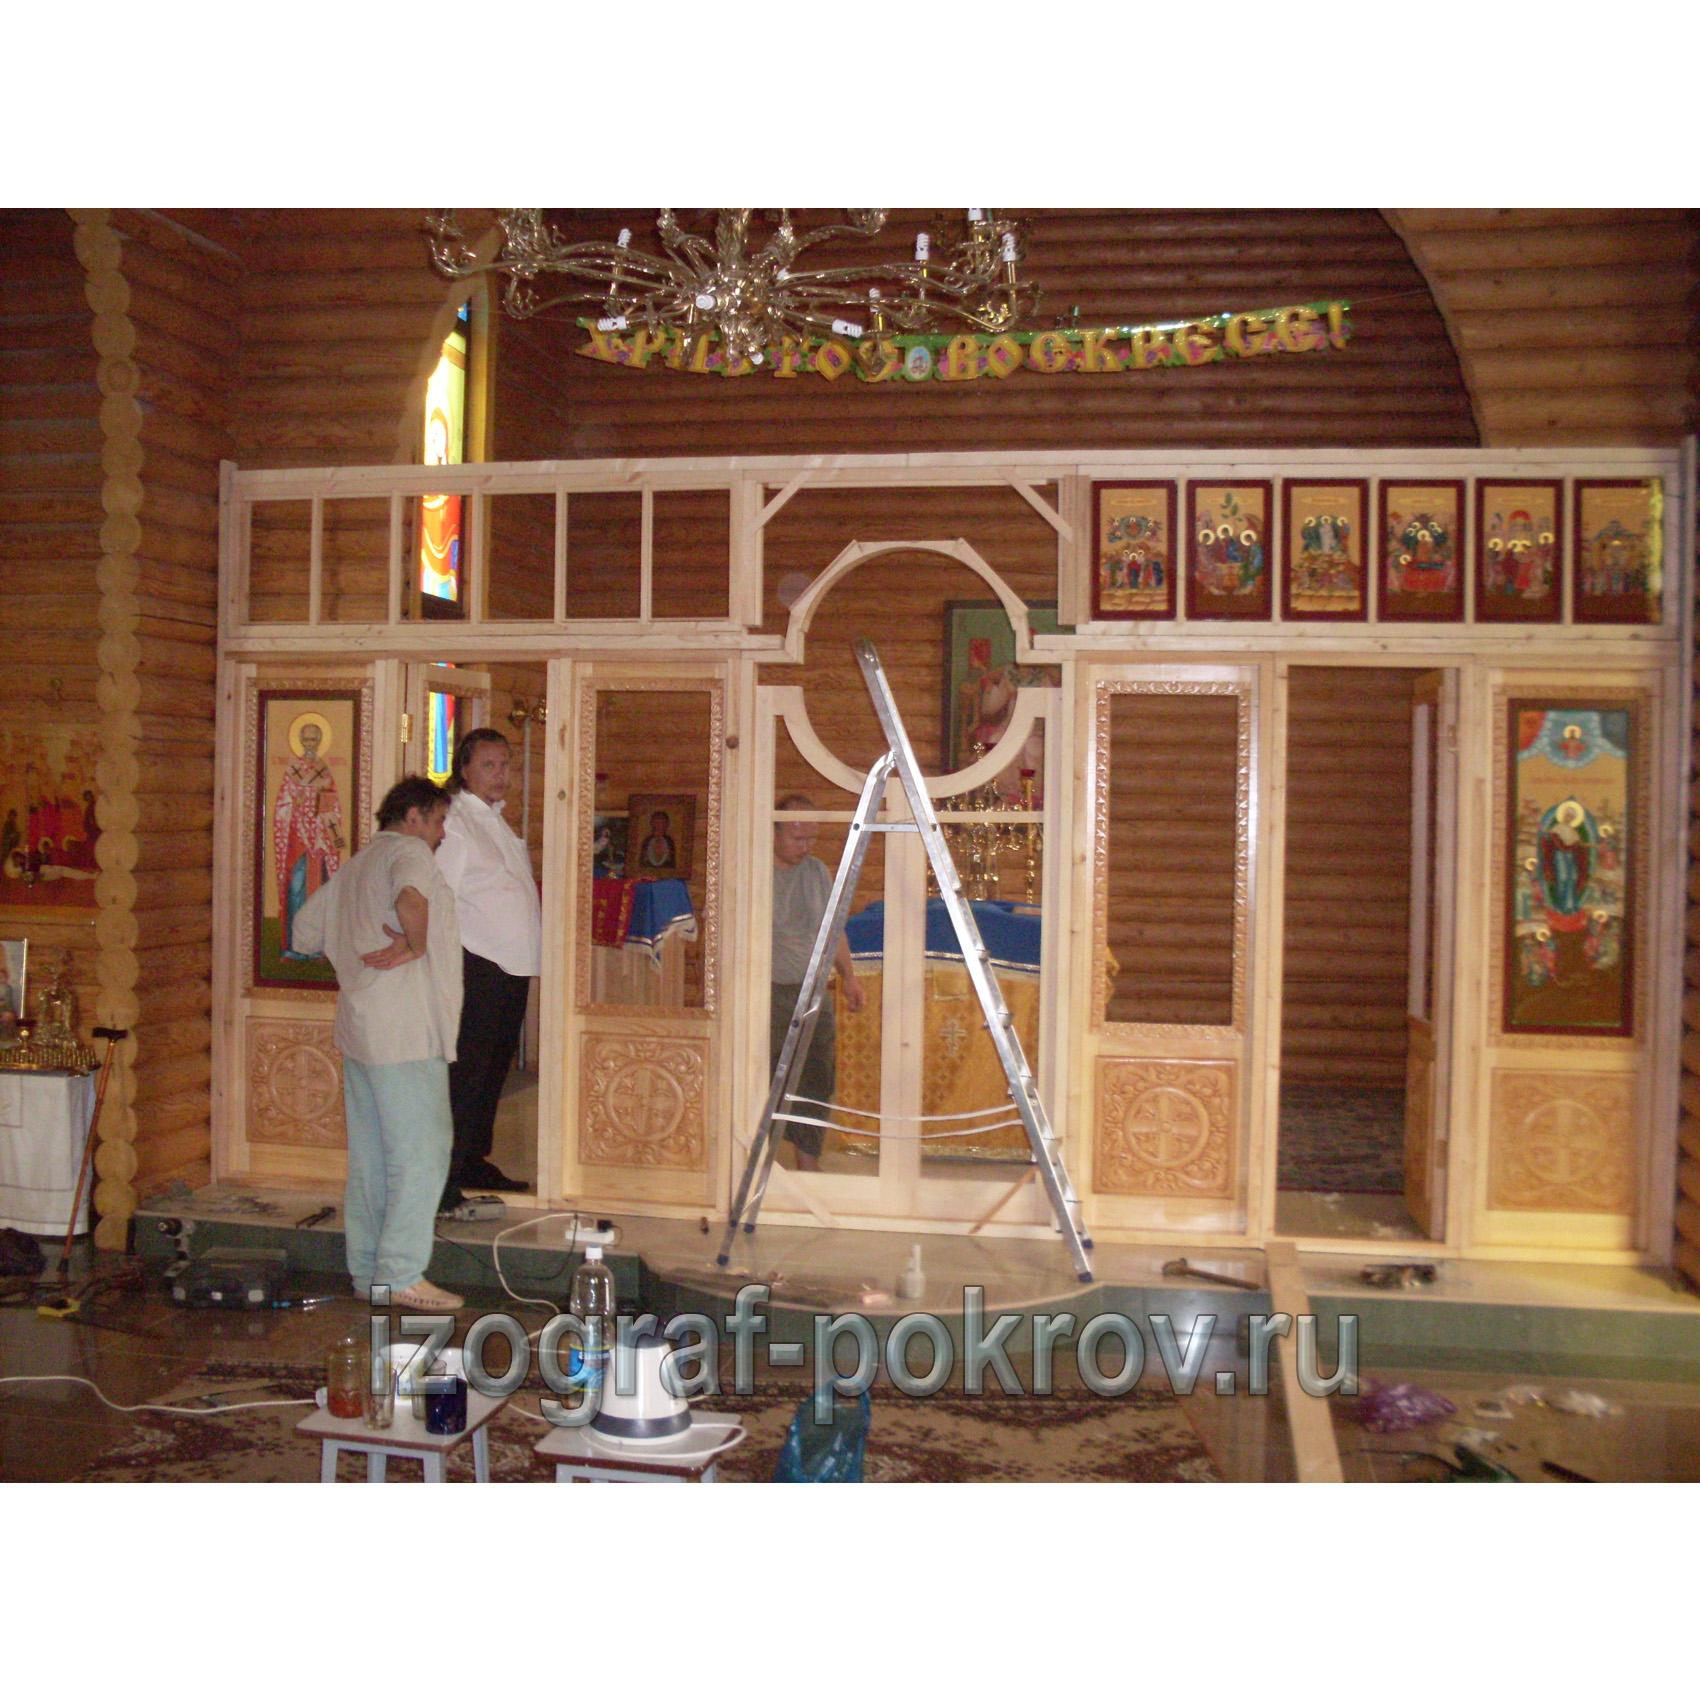 Монтаж деревянного иконостаса в храме